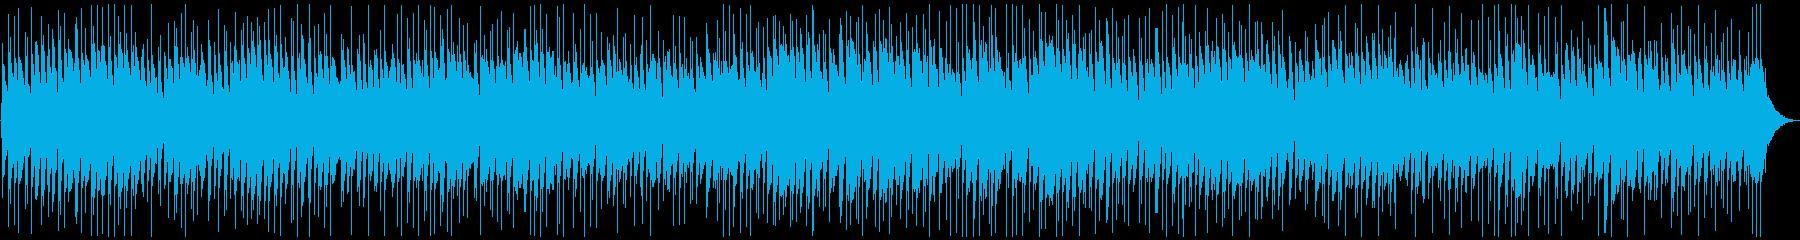 夢の中で鳴っているようなギターBGMの再生済みの波形